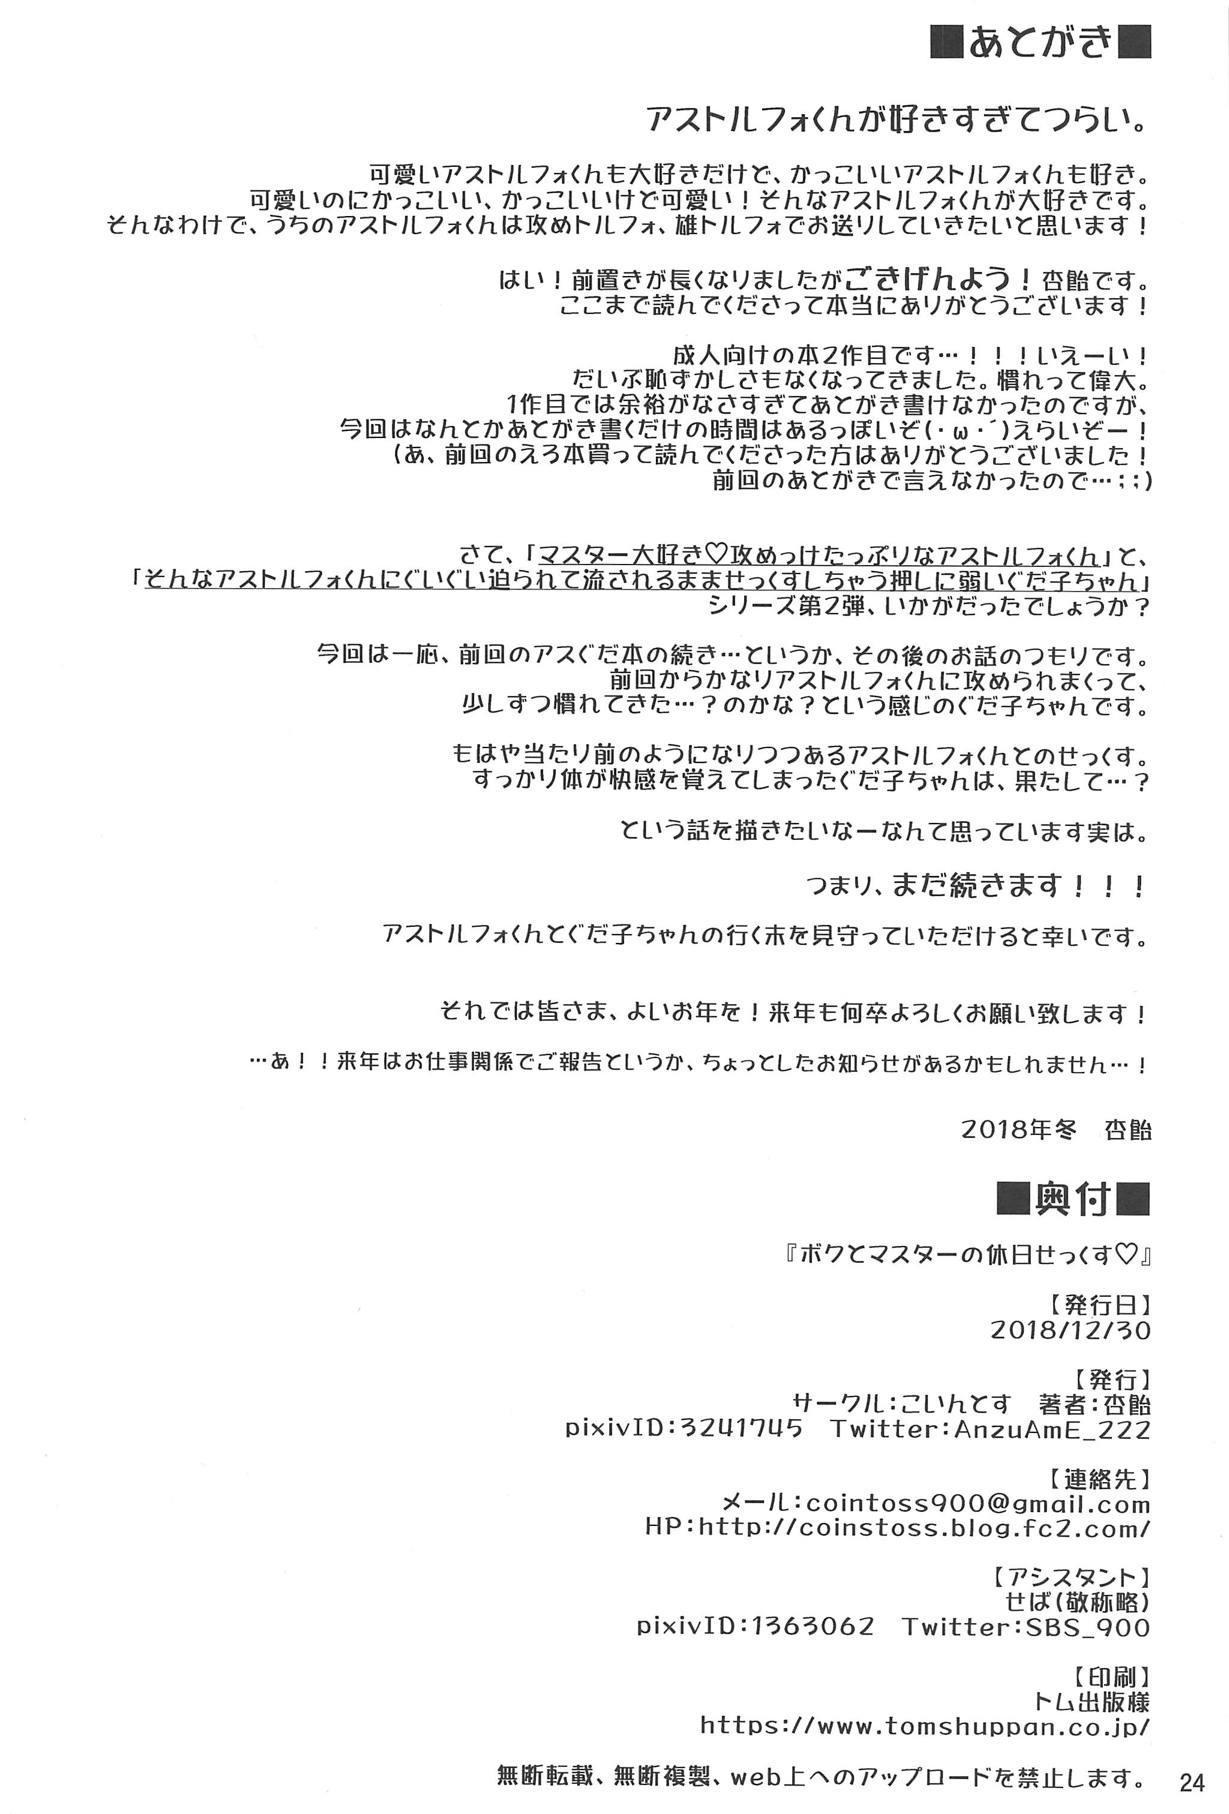 Boku to Master no Kyuujitsu Sex + C95 Kaijou Gentei Omakebon 25